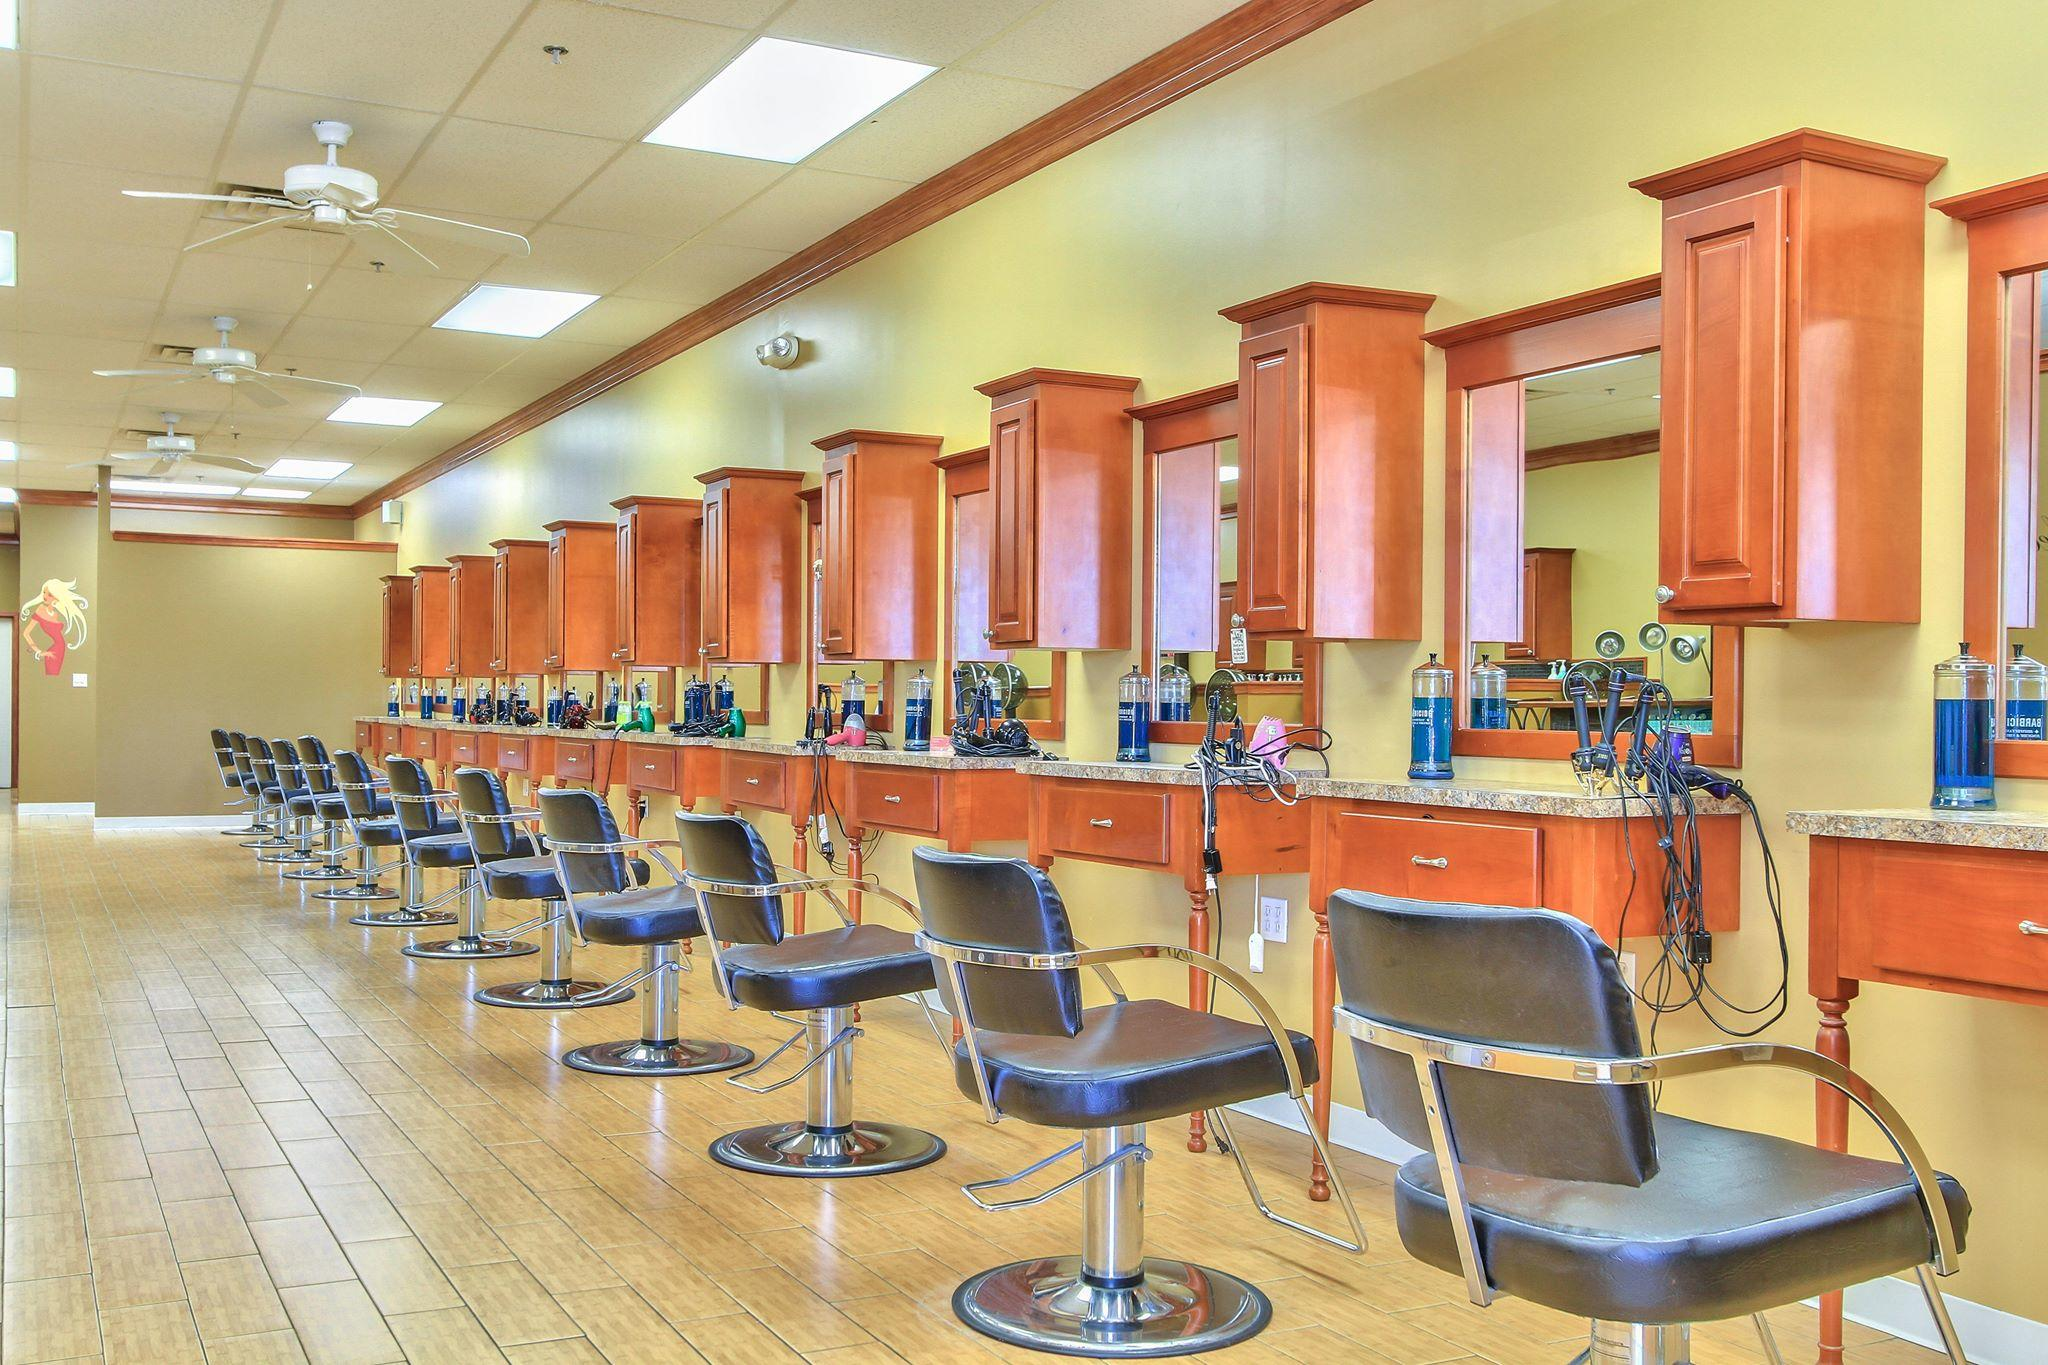 Bella Salon & Spa image 0